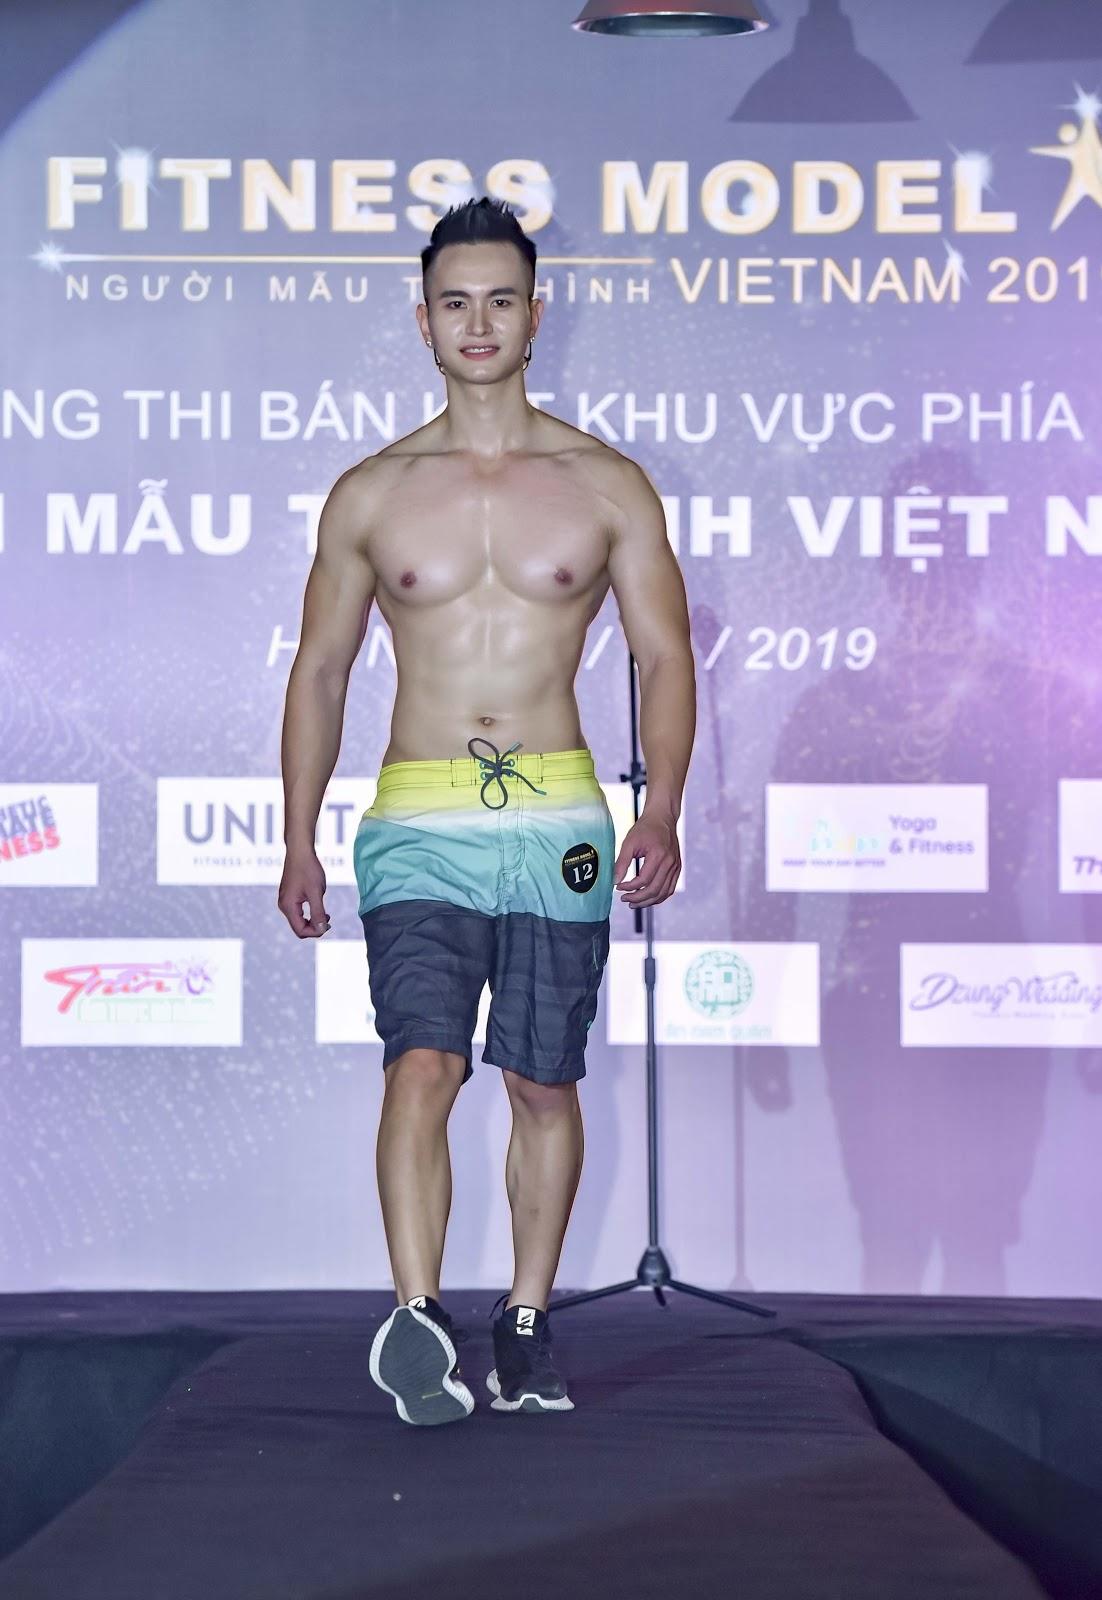 Miss World Vietnam 2016 bị hớp hồn trước body chết người của dàn thí sinh Vietnam Fitness Model 2019 - Hình 11